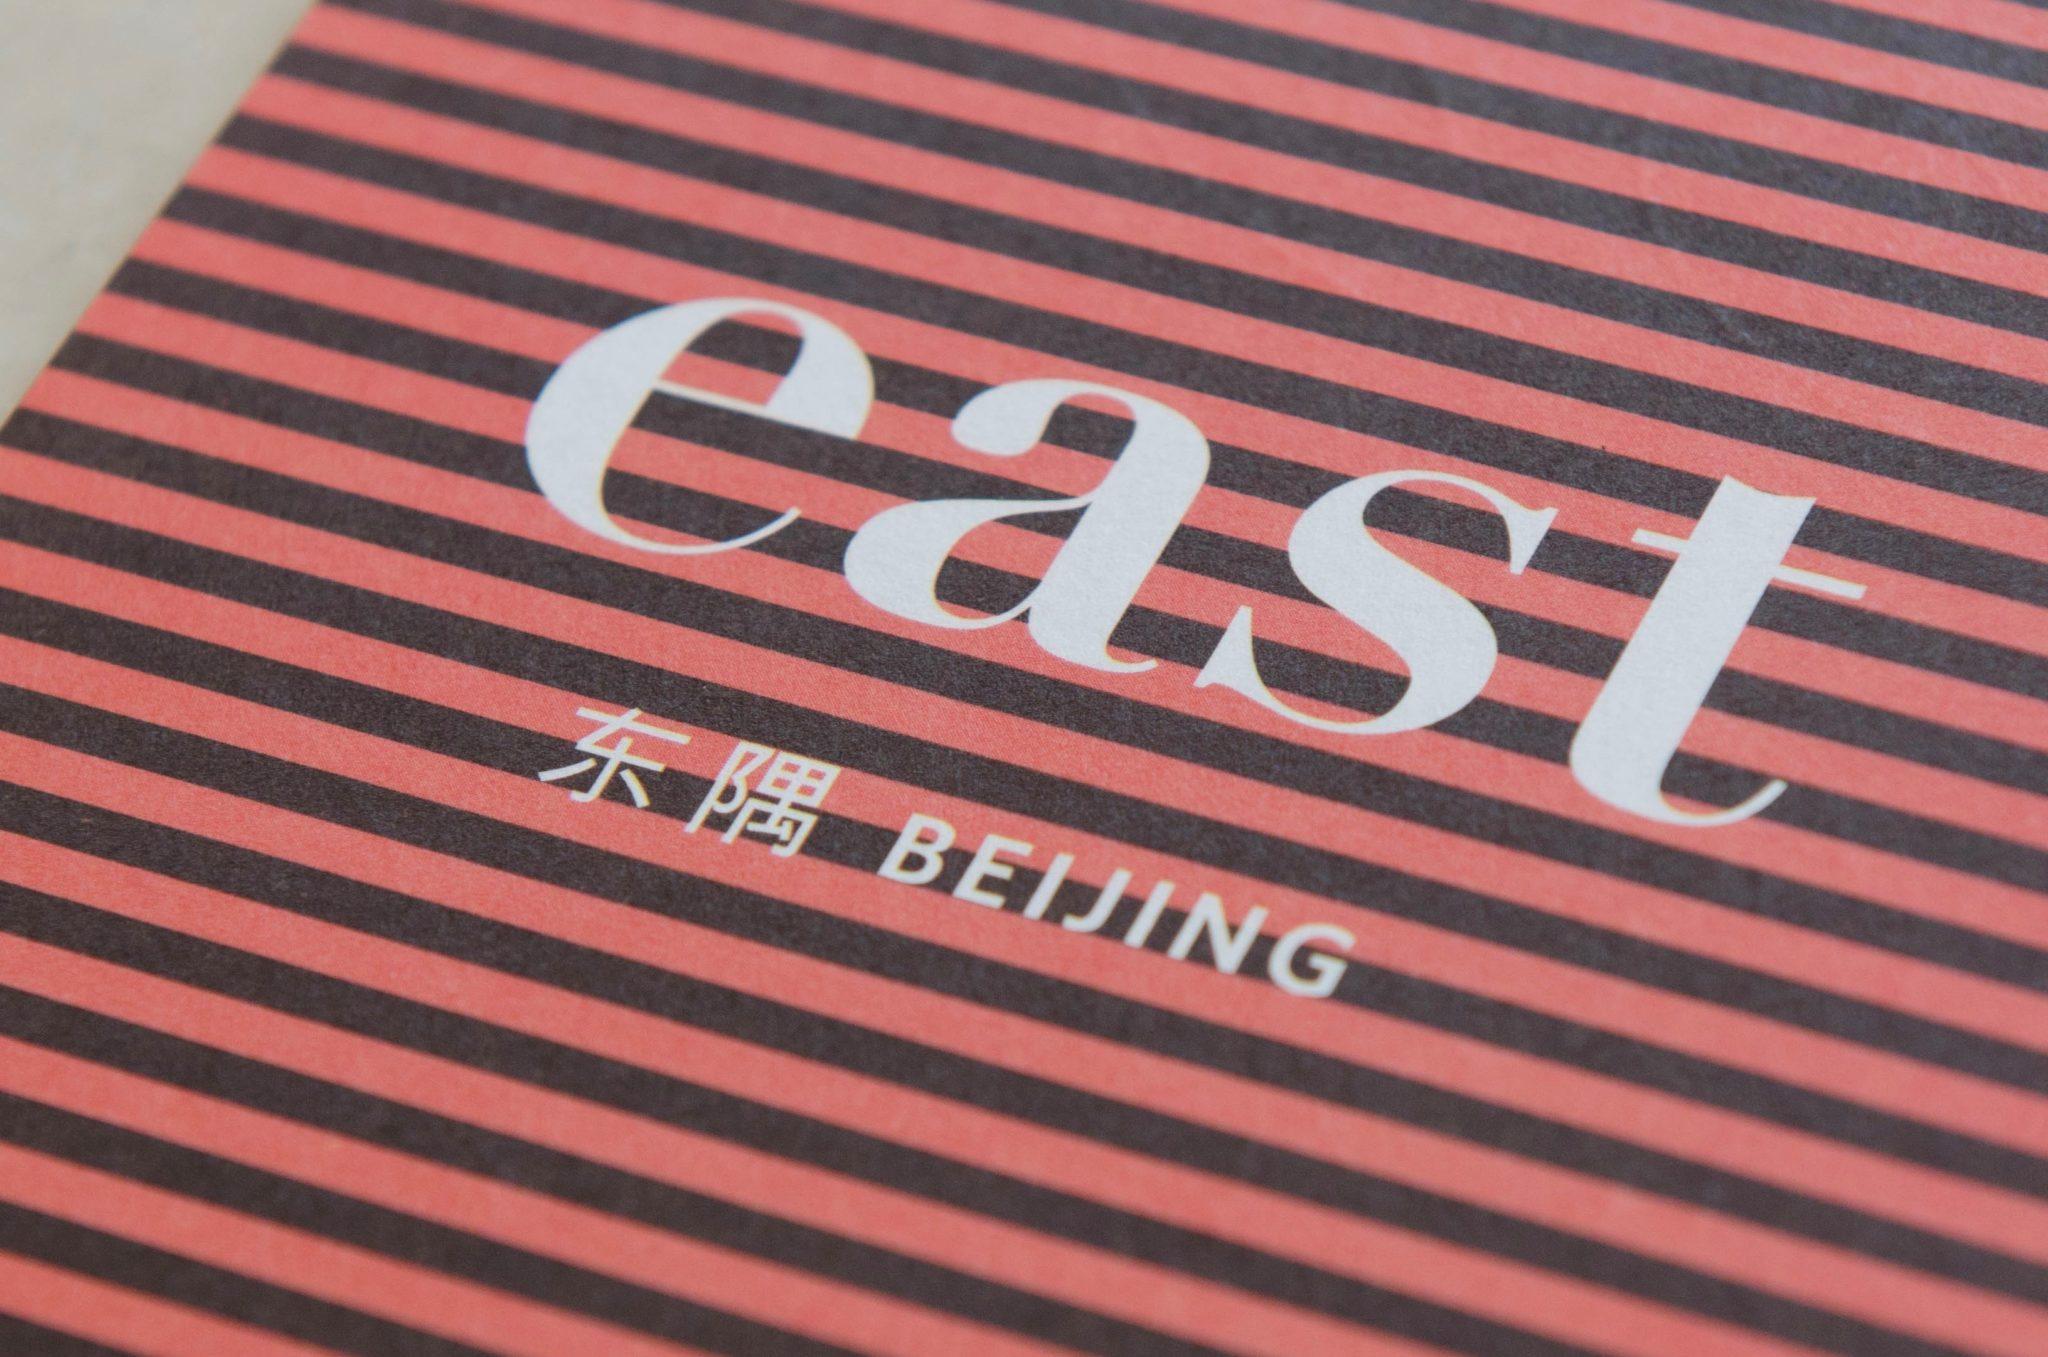 Businesshotel mit Sternchen: Das EAST Hotel Peking